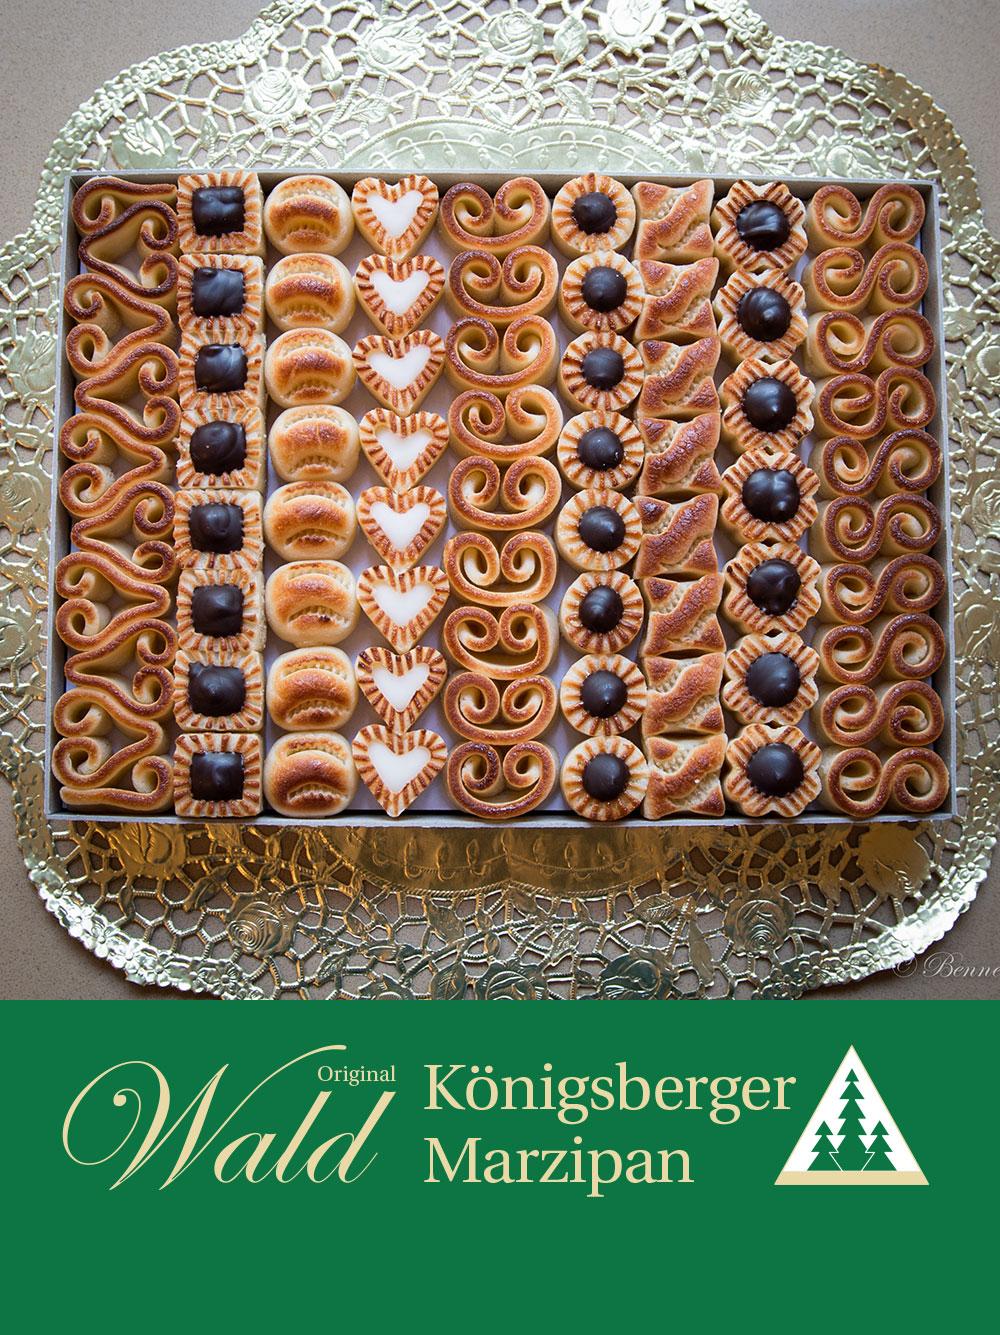 Königsberger Teekonfekt-Geschenkbox